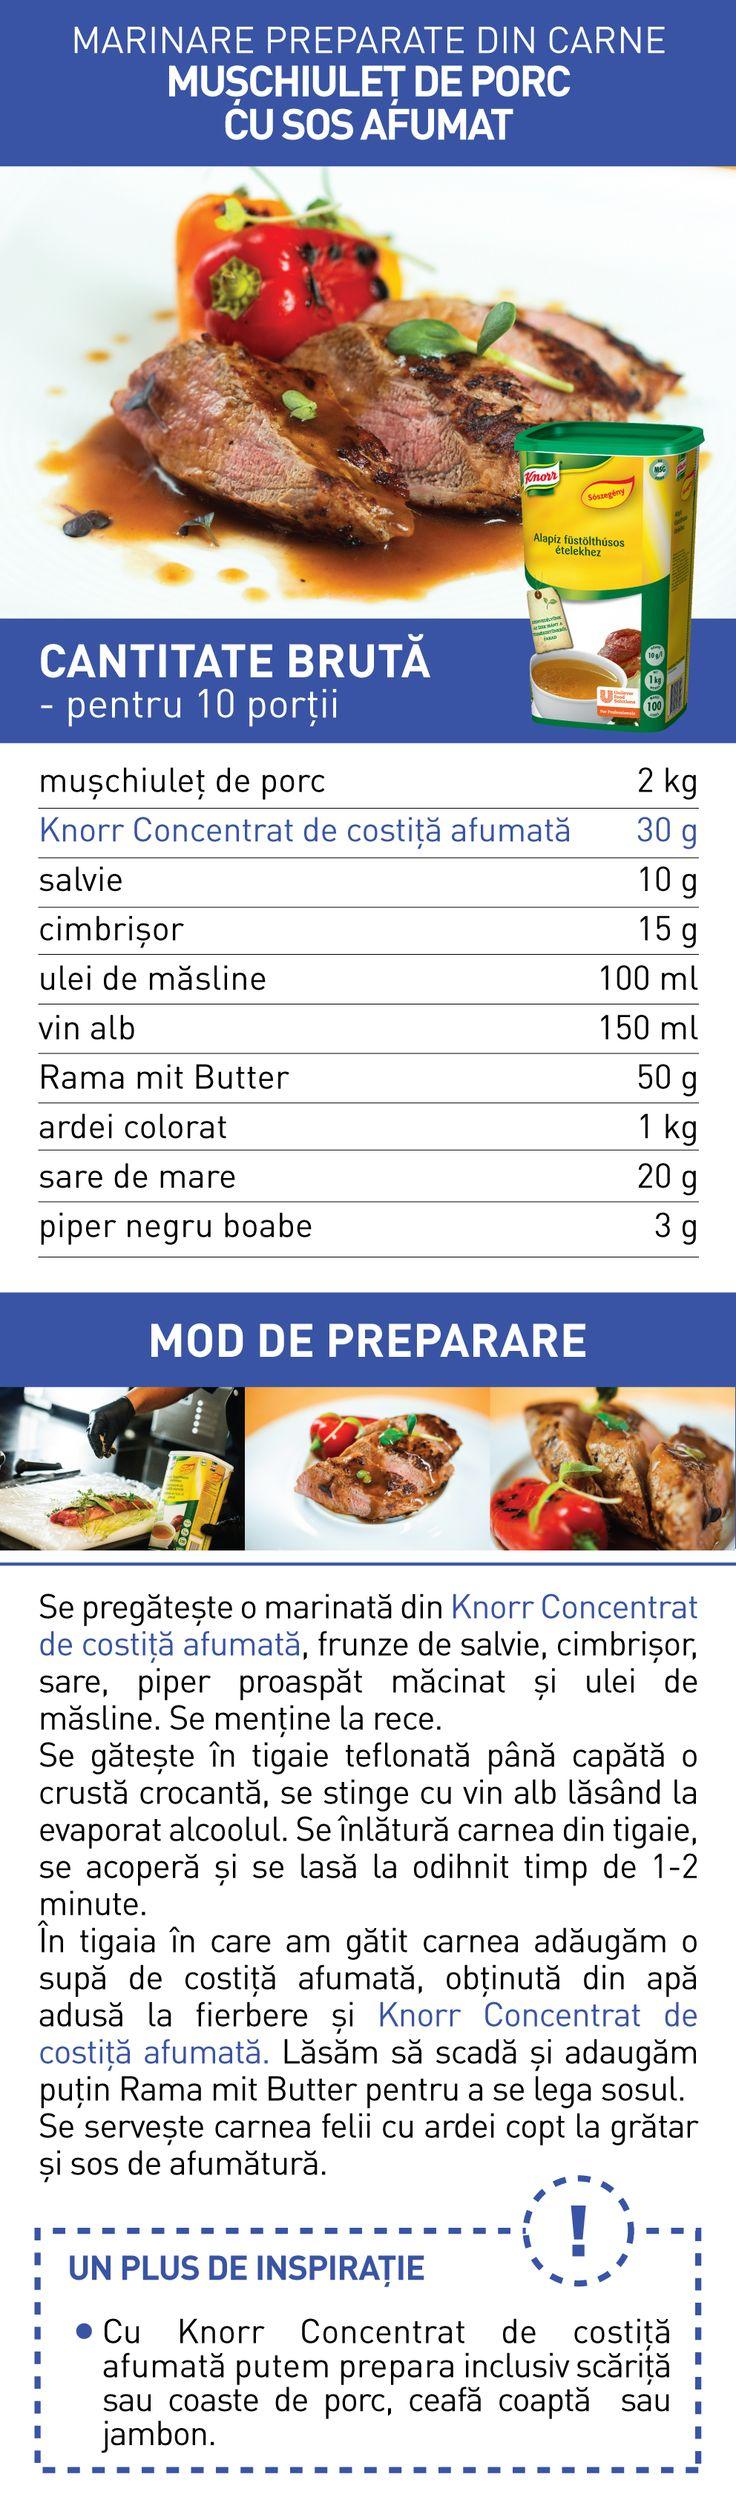 Marinare preparate din carne (III) - RETETE